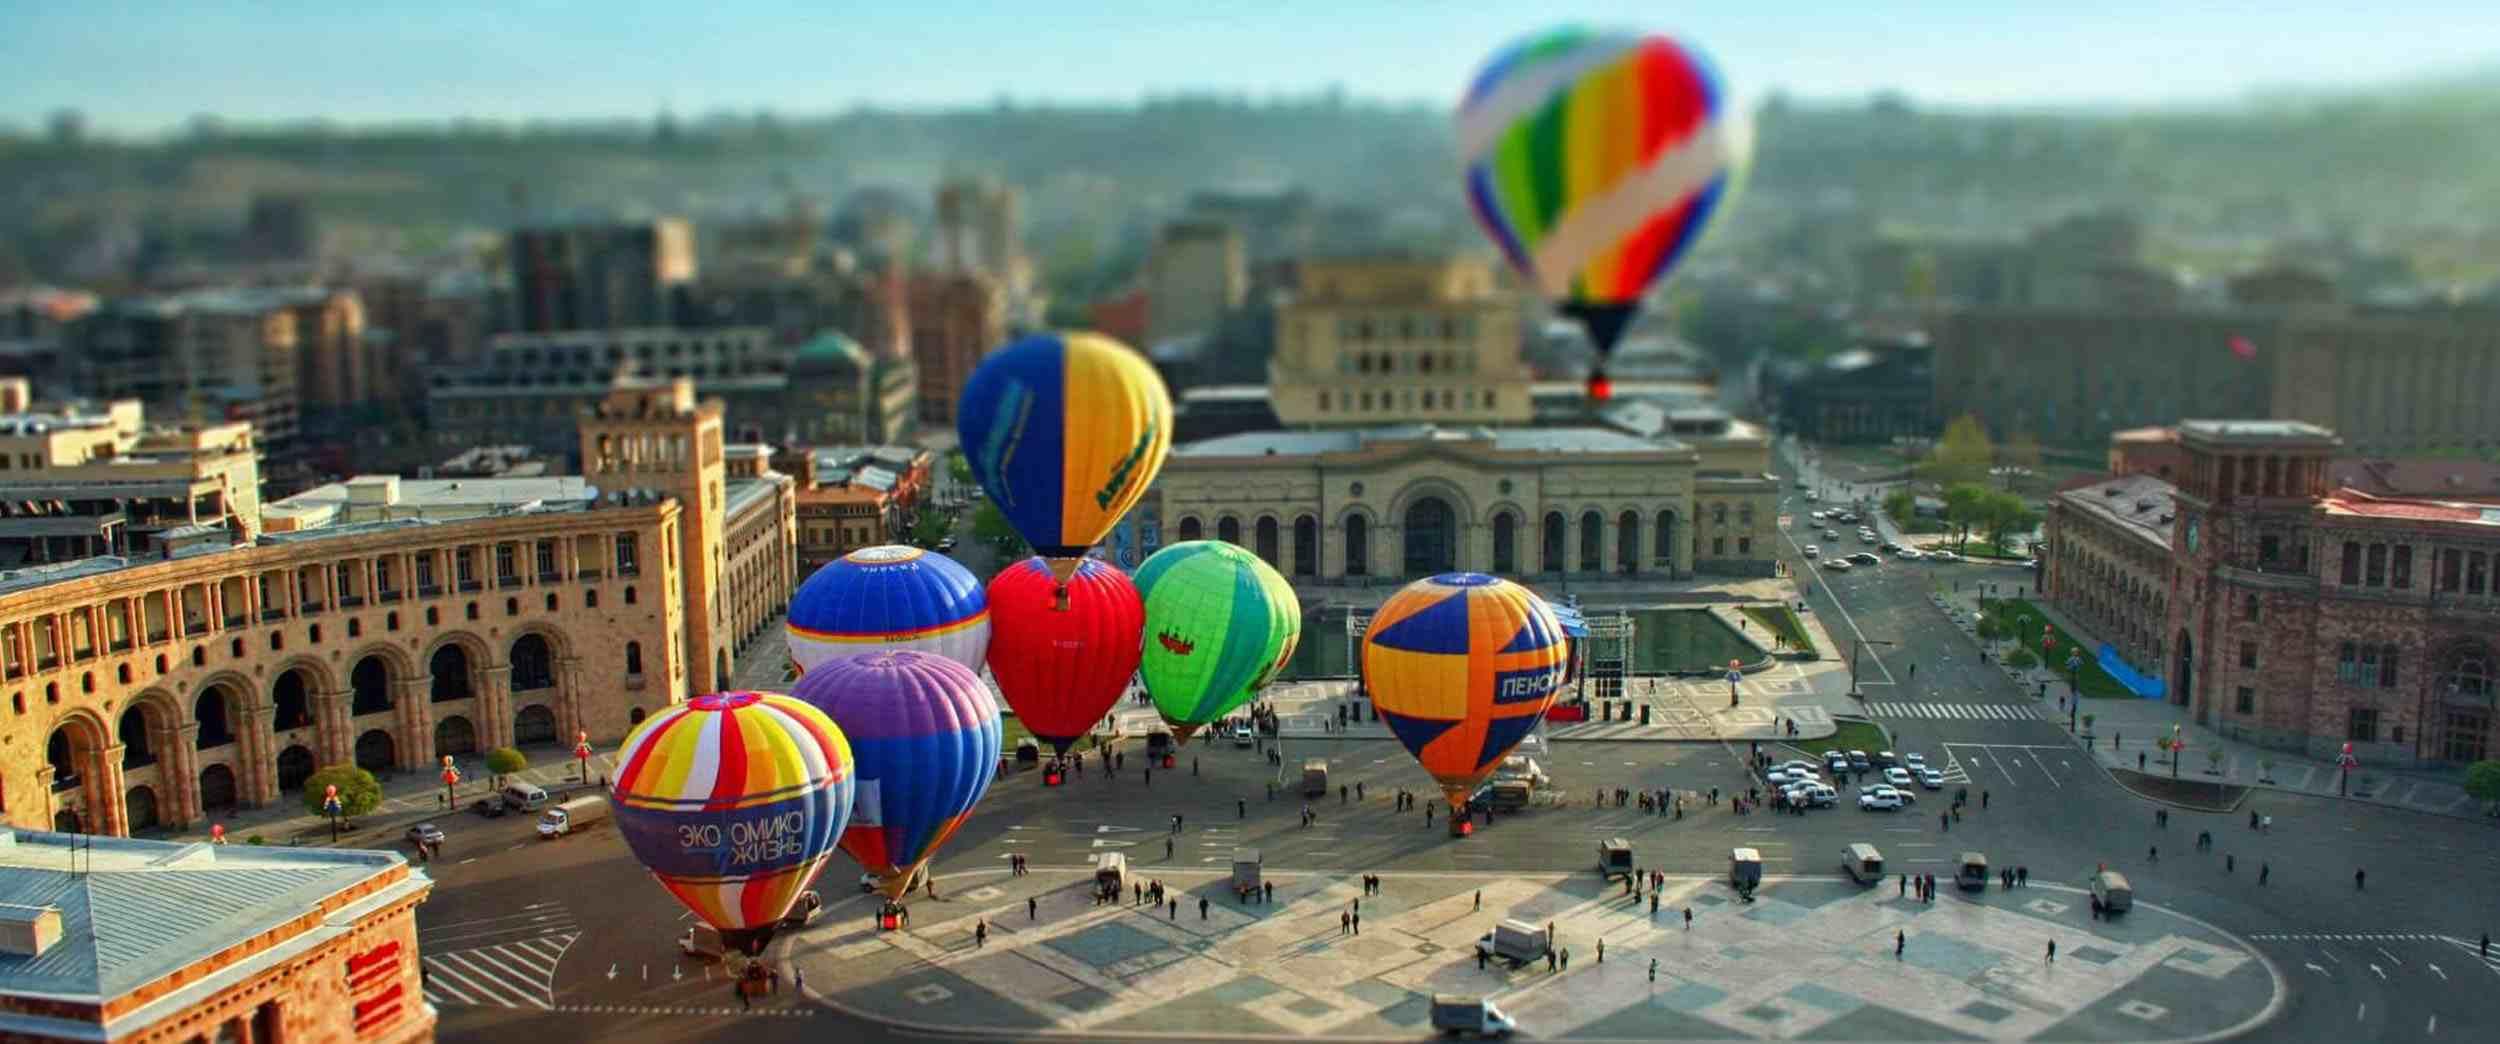 سفر به ارمنستان و لذت در سرزمین انارها